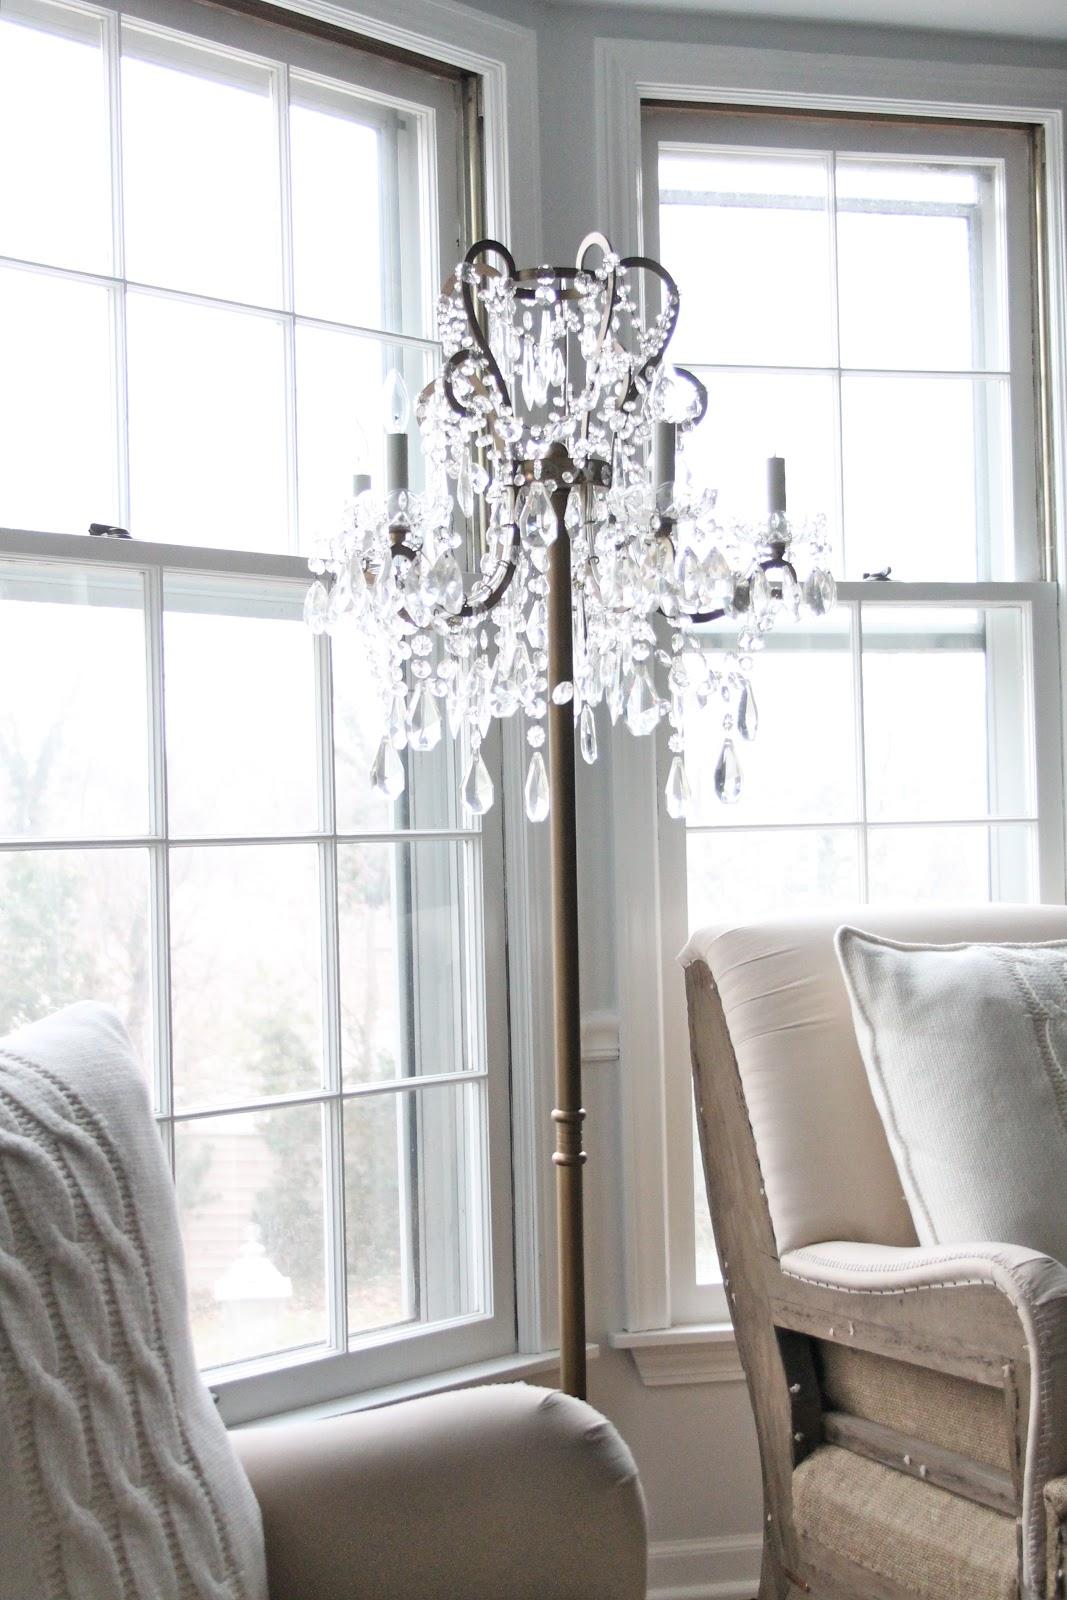 Decor Wonderful Chandelier Floor Lamp For Fascinating Home Regarding Standing Chandelier Floor Lamps (Image 9 of 25)